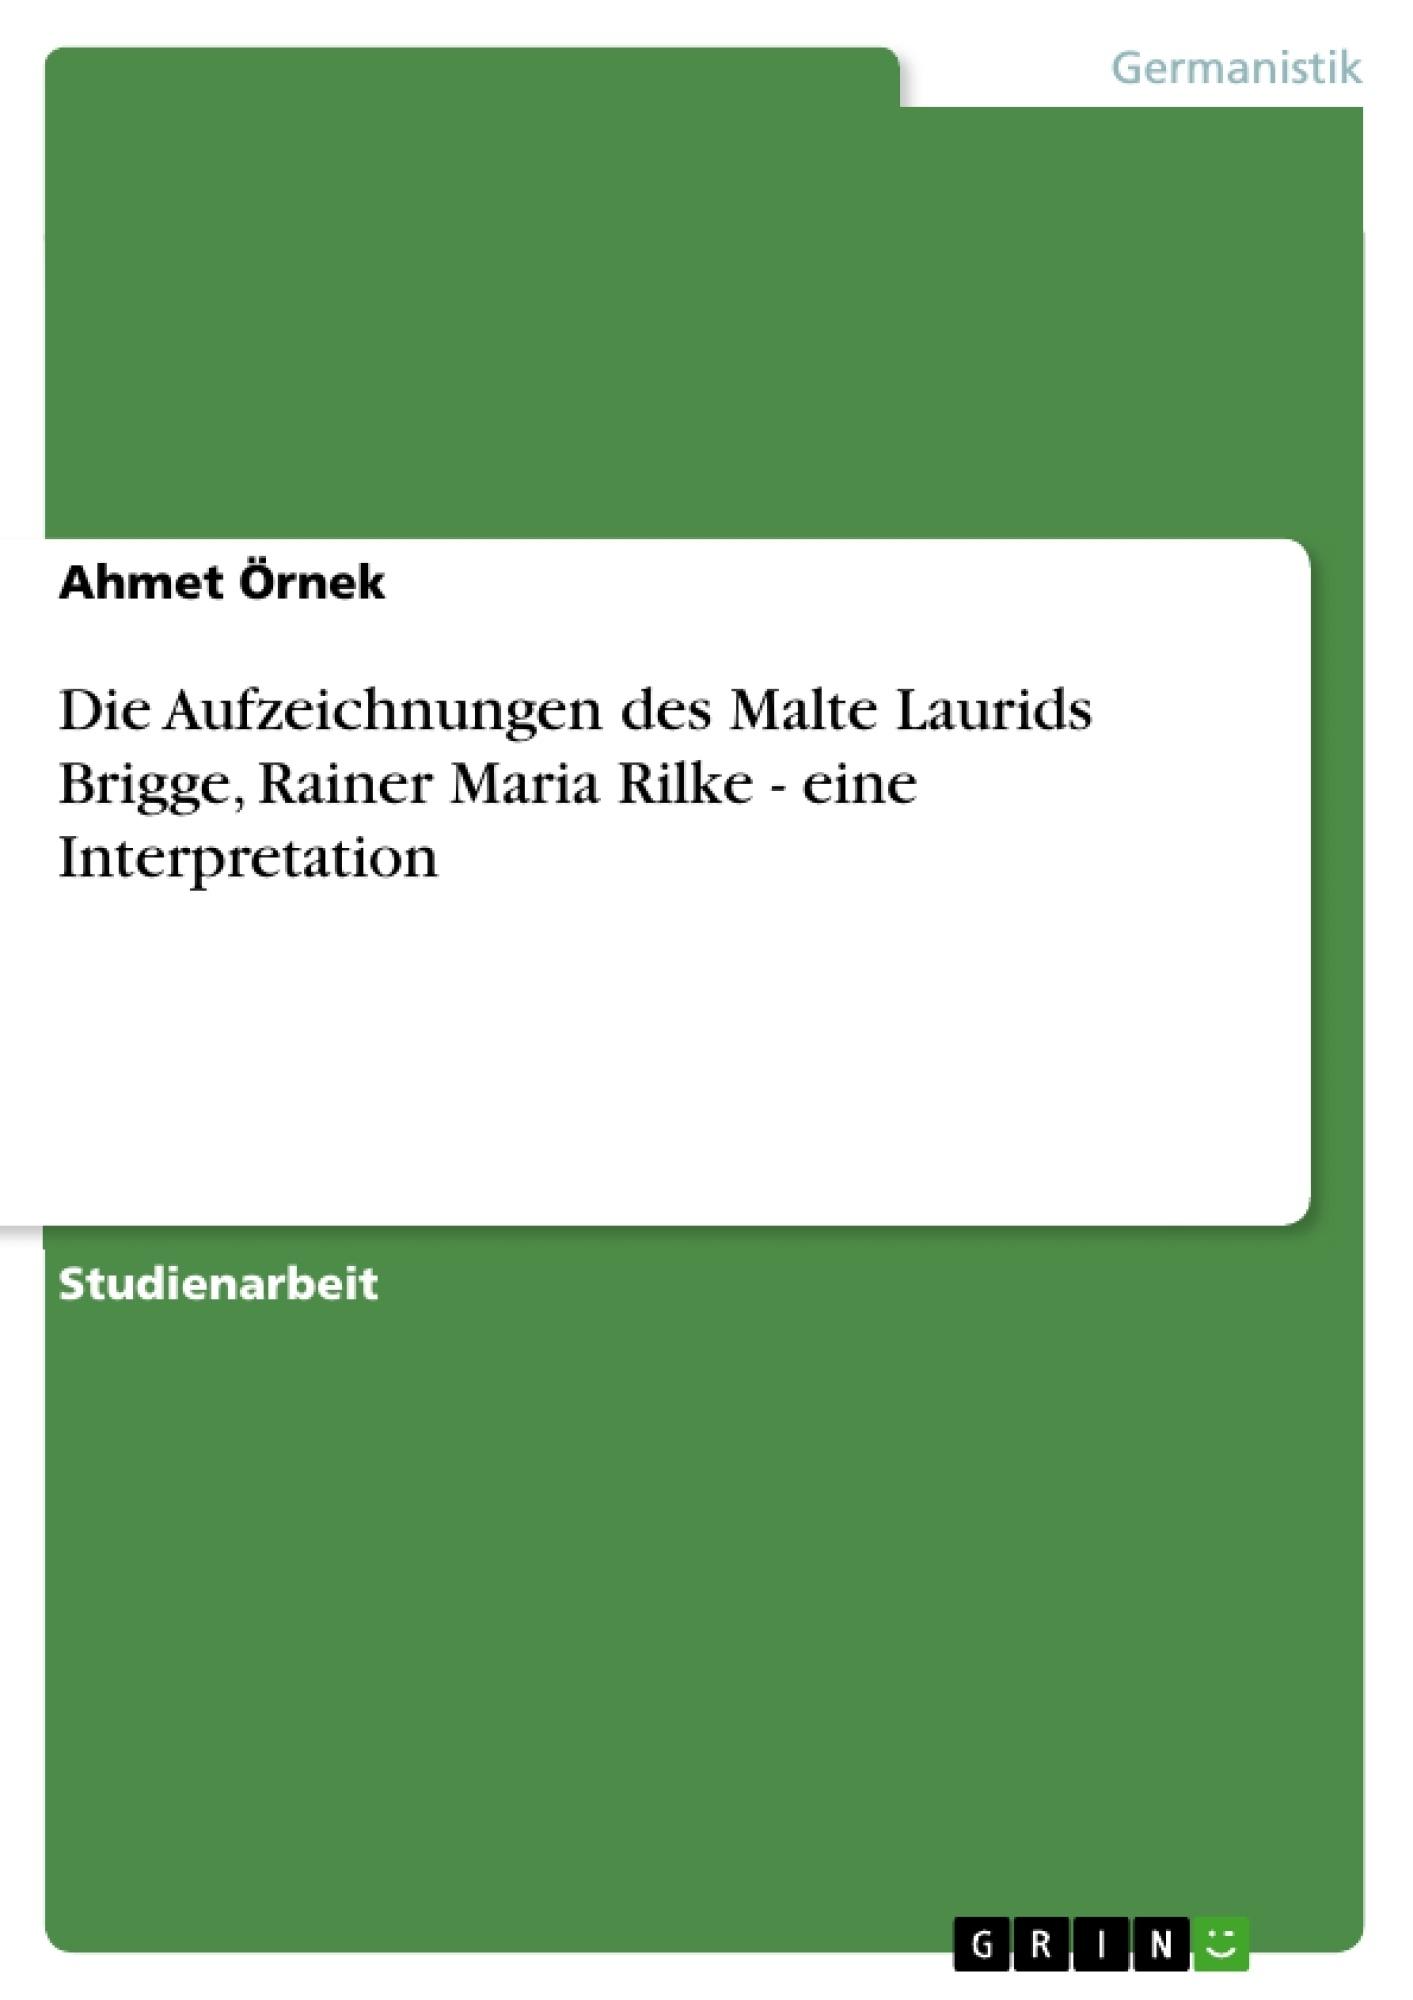 Titel: Die Aufzeichnungen des Malte Laurids Brigge, Rainer Maria Rilke - eine Interpretation